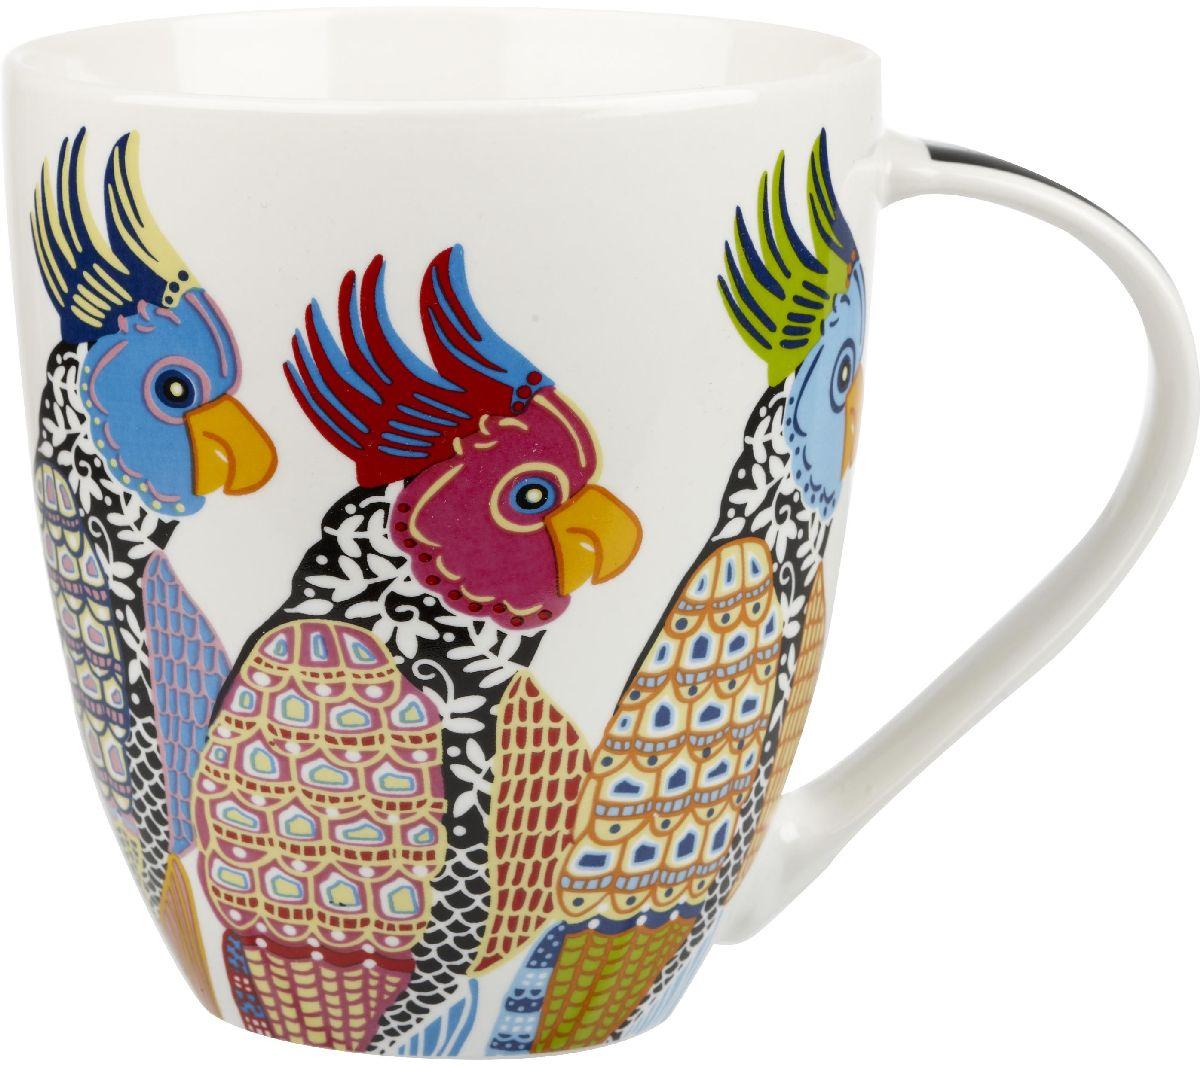 Кружка Churchill Попугаи, 500 мл115510Коллекция Кутюр использует эклектичное сочетание ярких цветов, чтобы создать самые модные узоры на посуде.